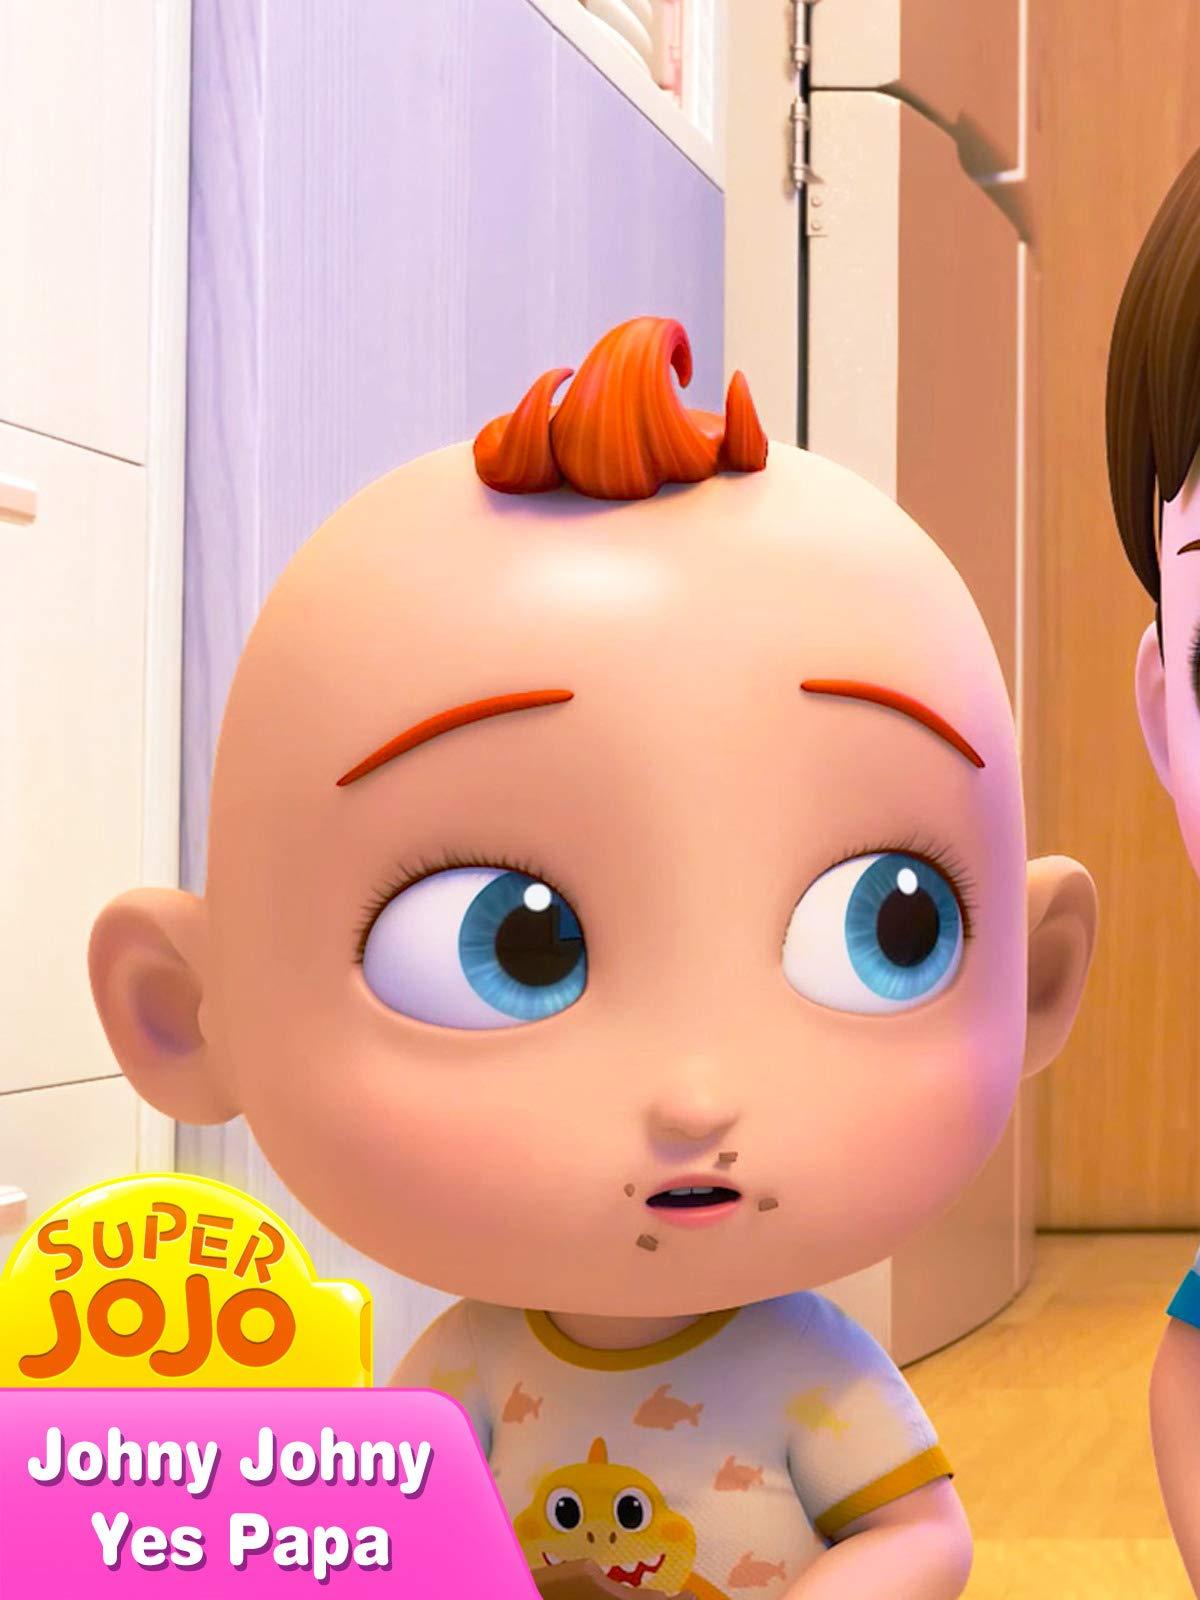 Super JoJo - Johny Johny Yes Papa